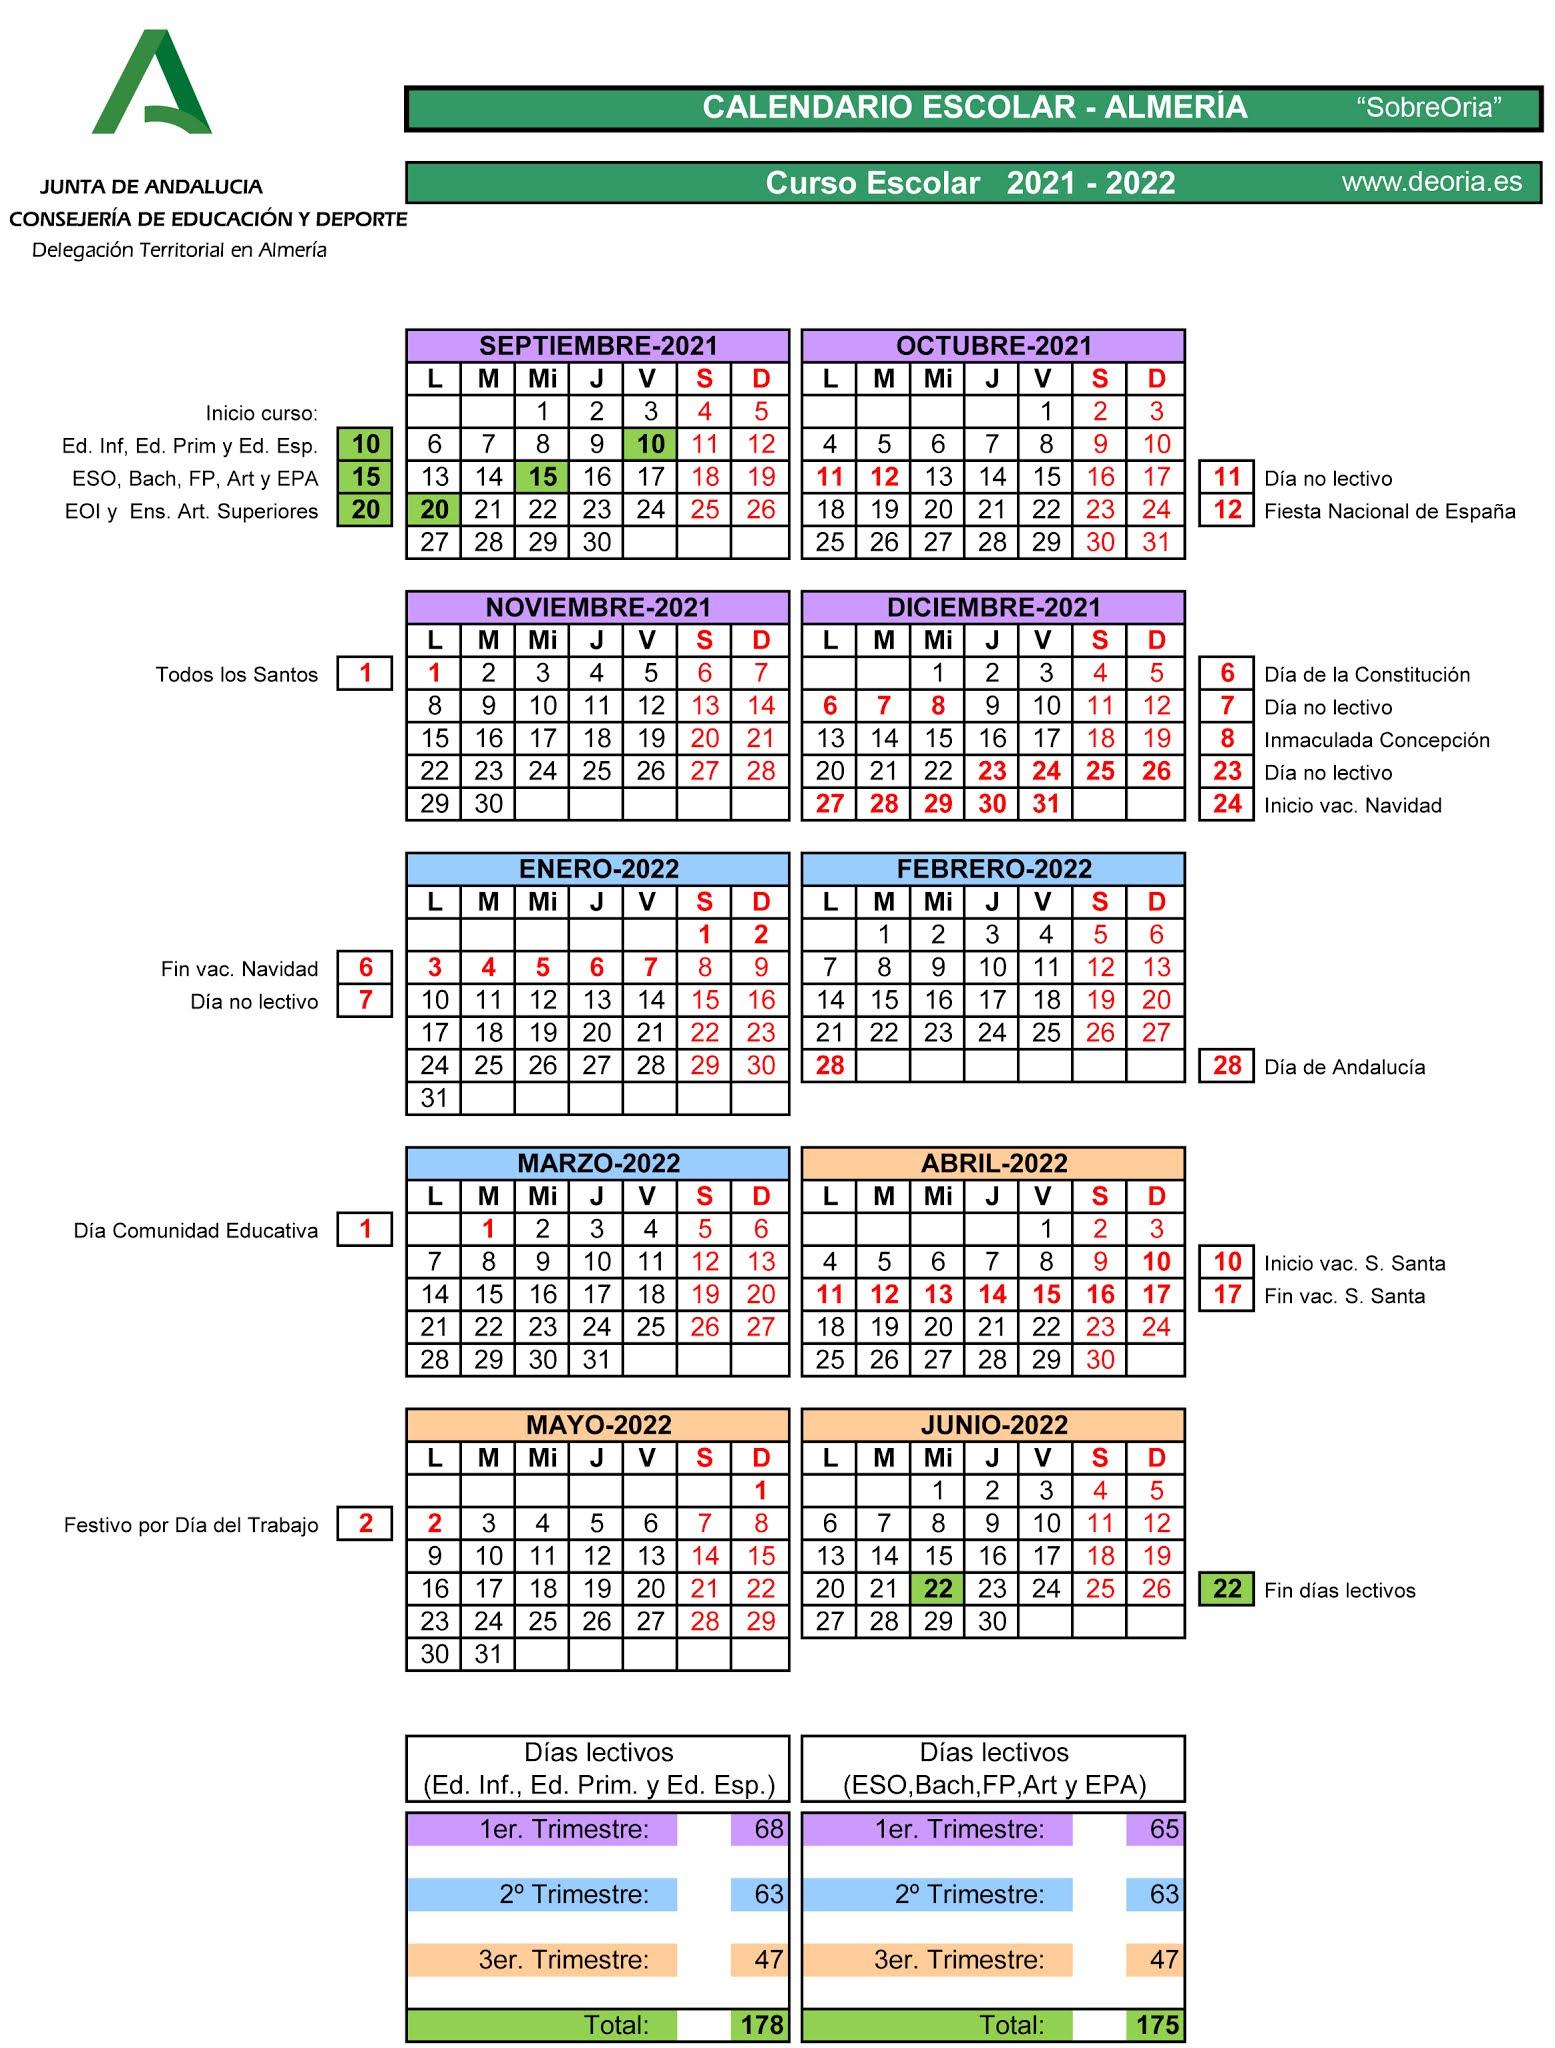 Calendario escolar 2021/22